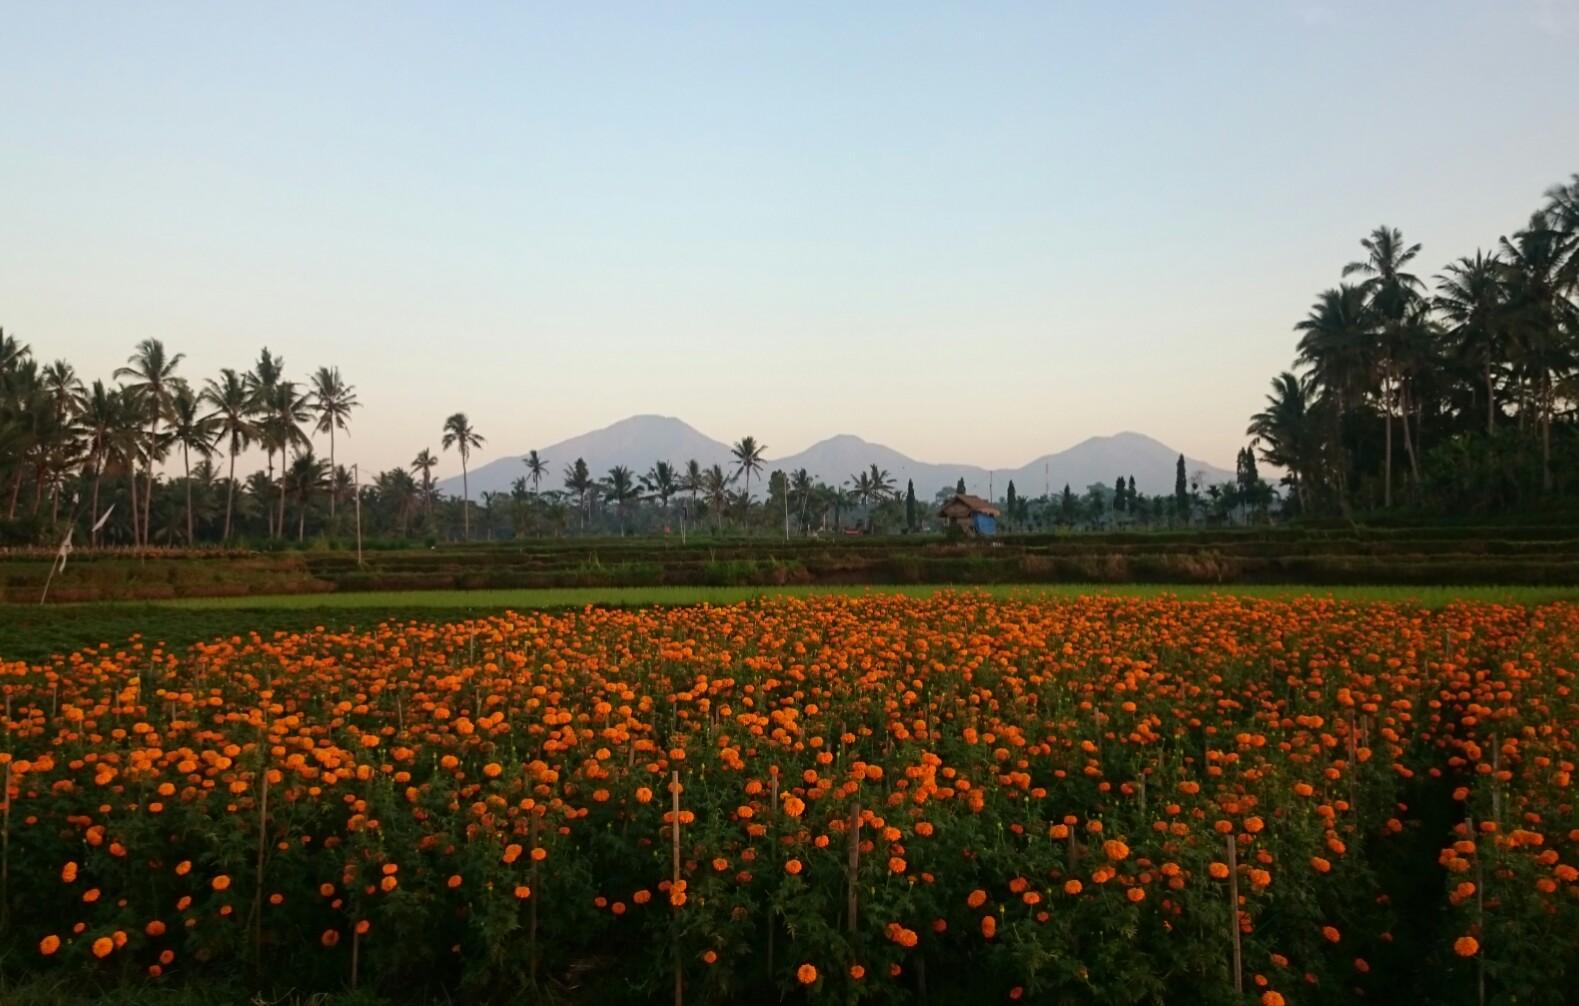 Desa Sobangan Mengwi, Wisata Desa yang Cantik dengan Kebun Bunga Warna-warni